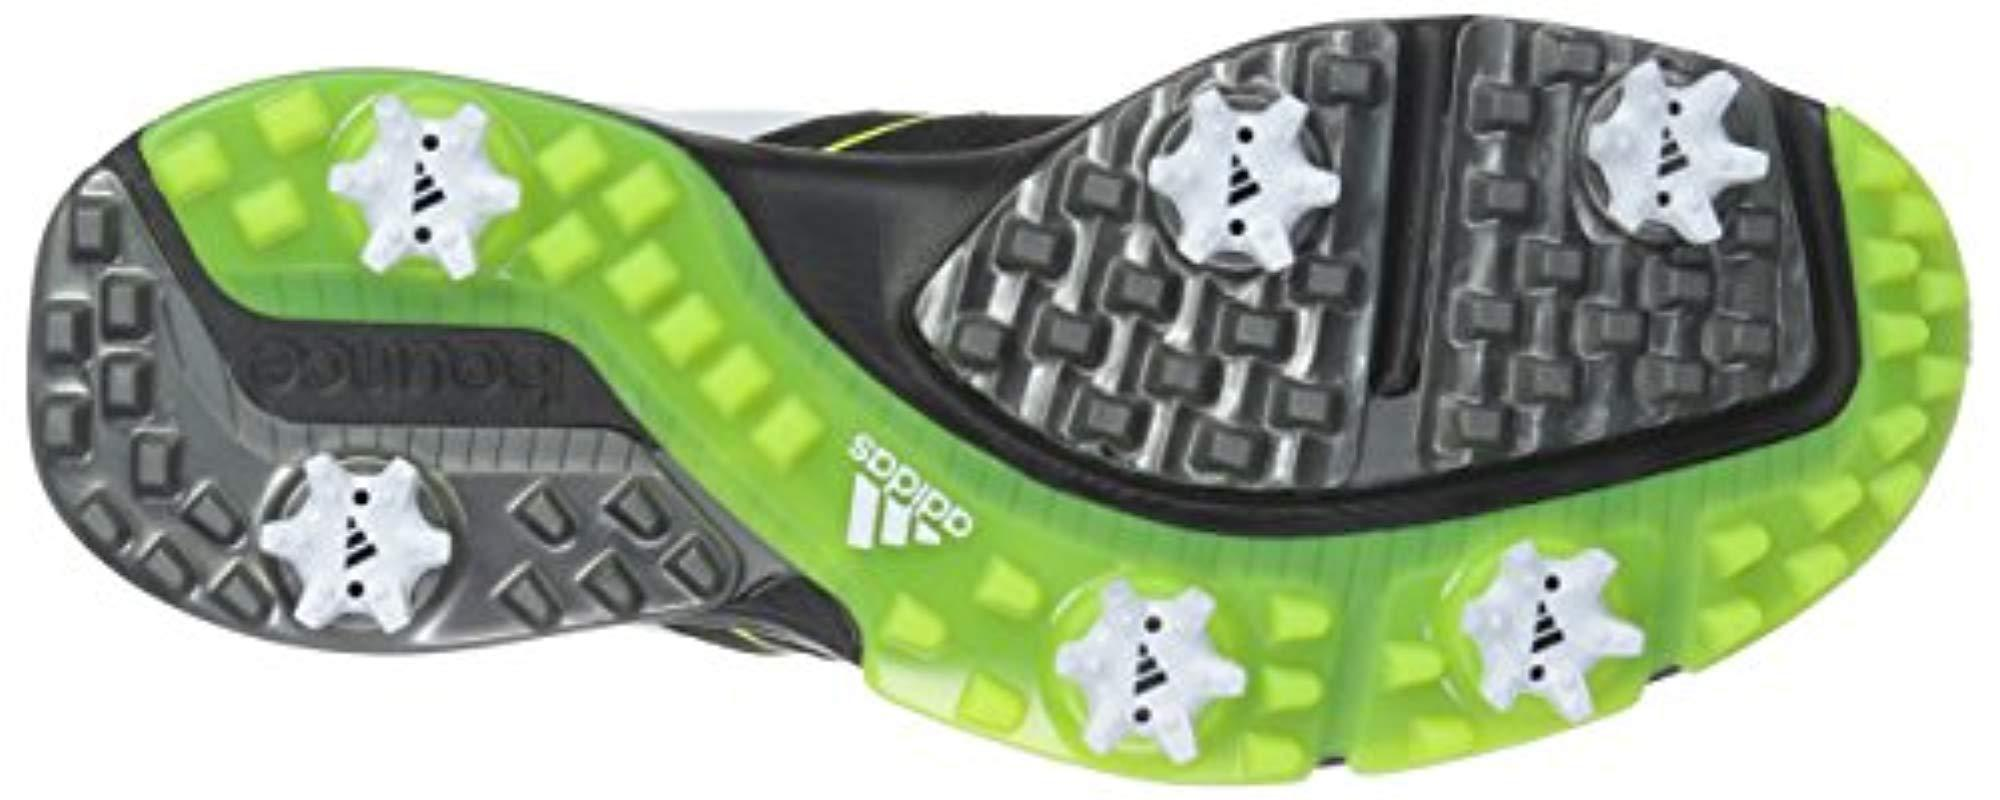 Grado Celsius Enorme Cortar  adidas 360 Traxion Boa Wd Cblack Golf Shoe for Men - Lyst